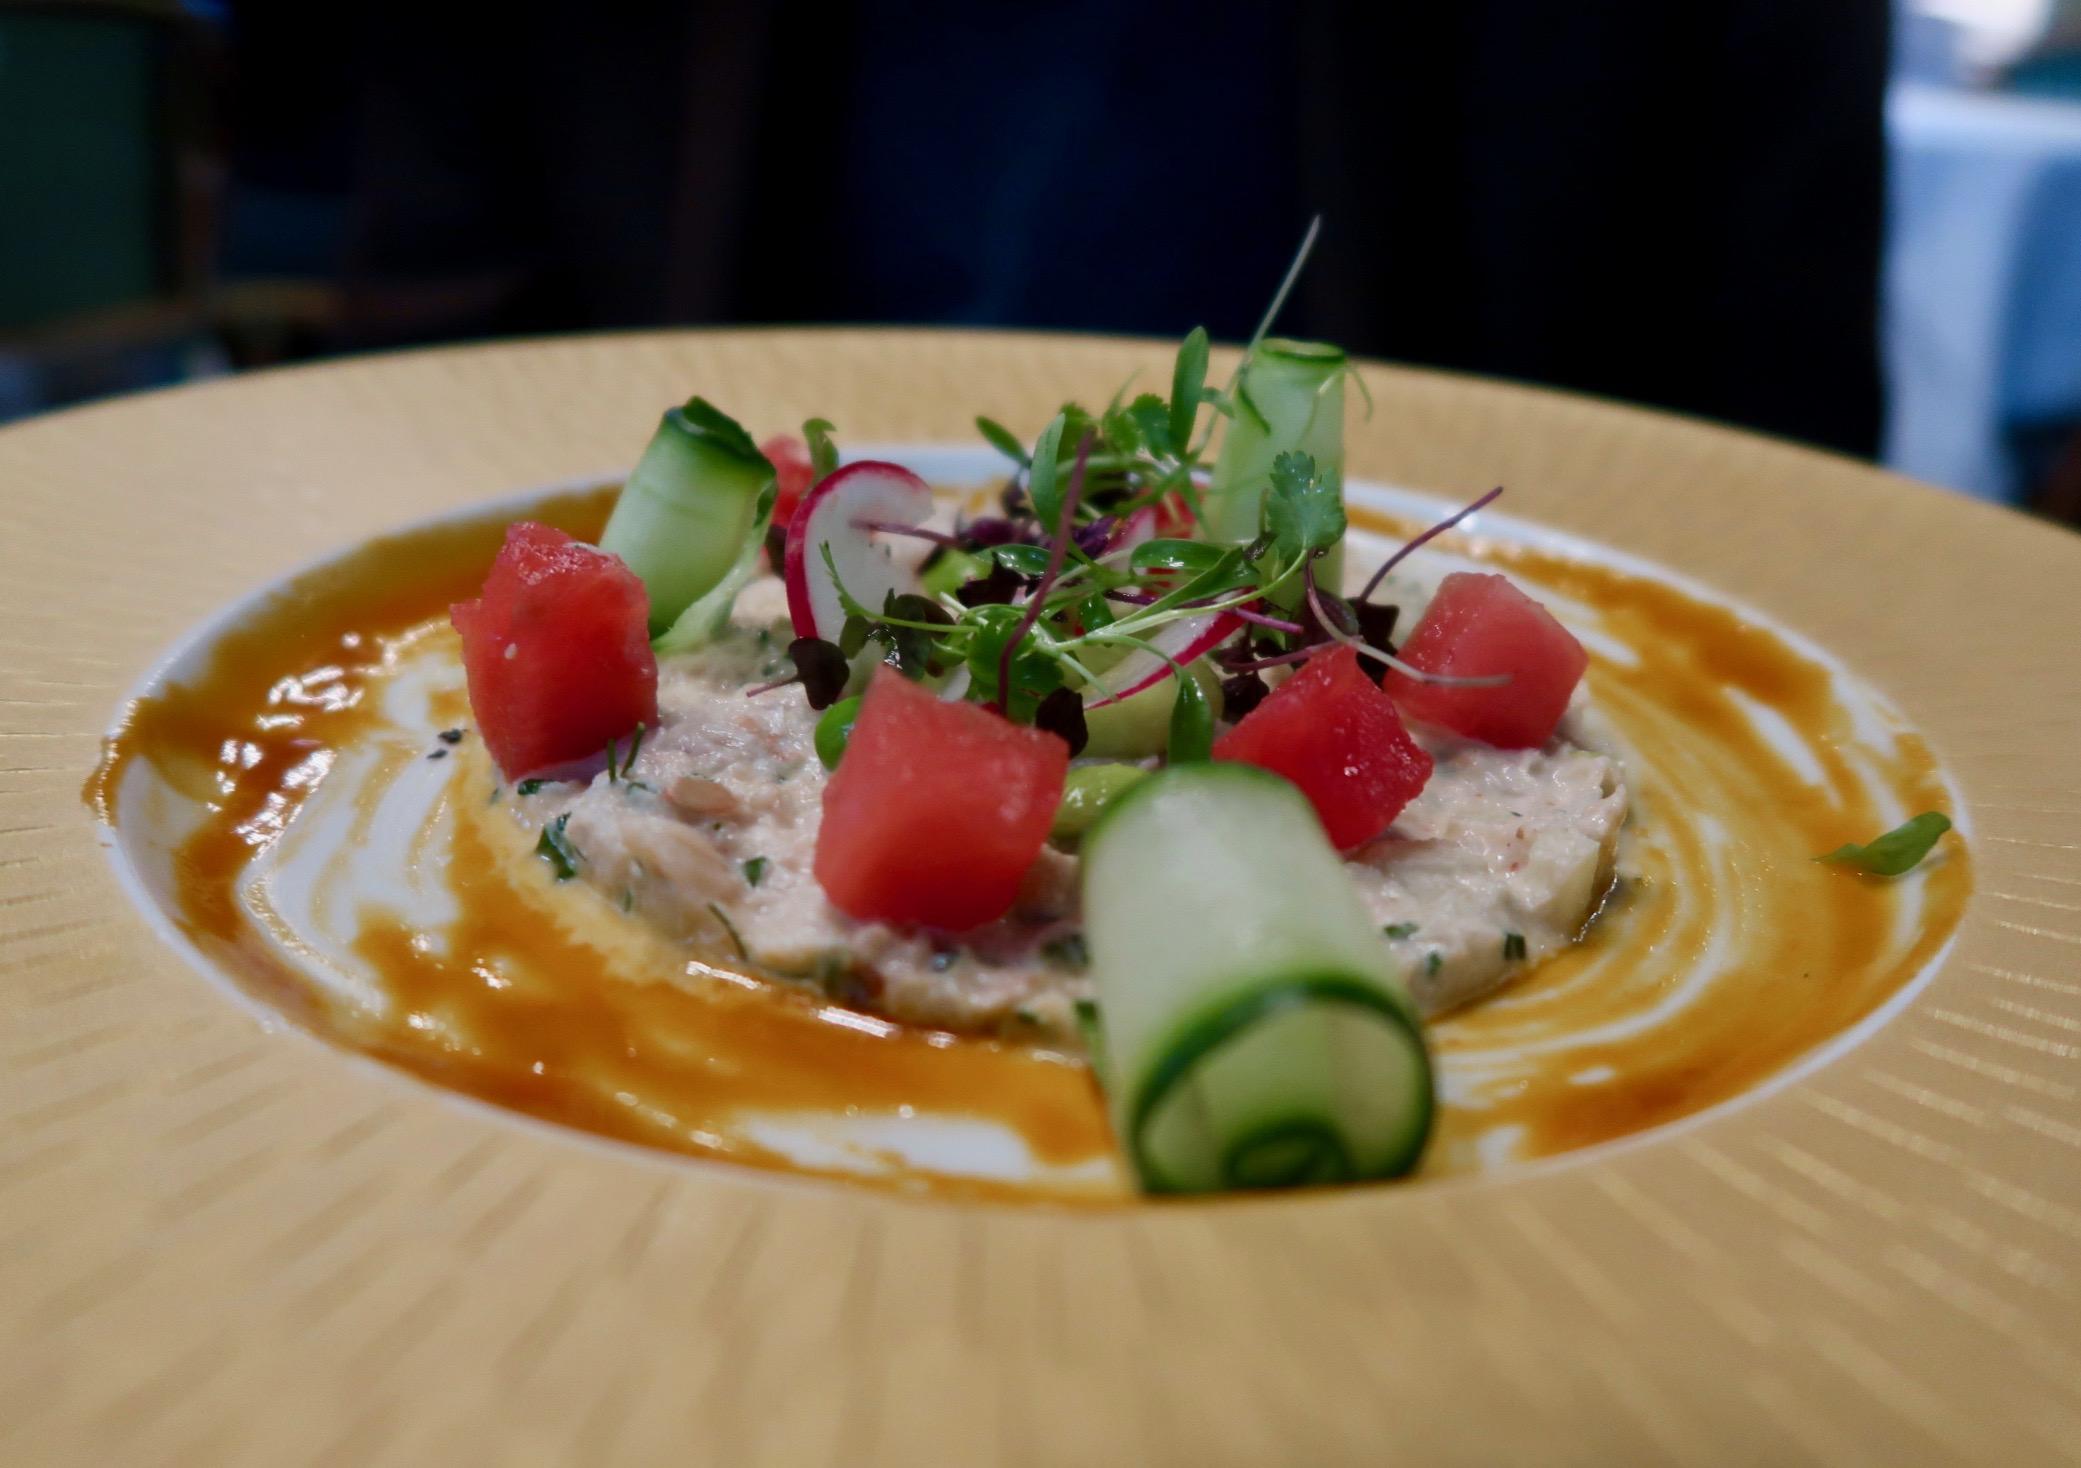 The Ivy Kensington Brasserie crab & aplle salad